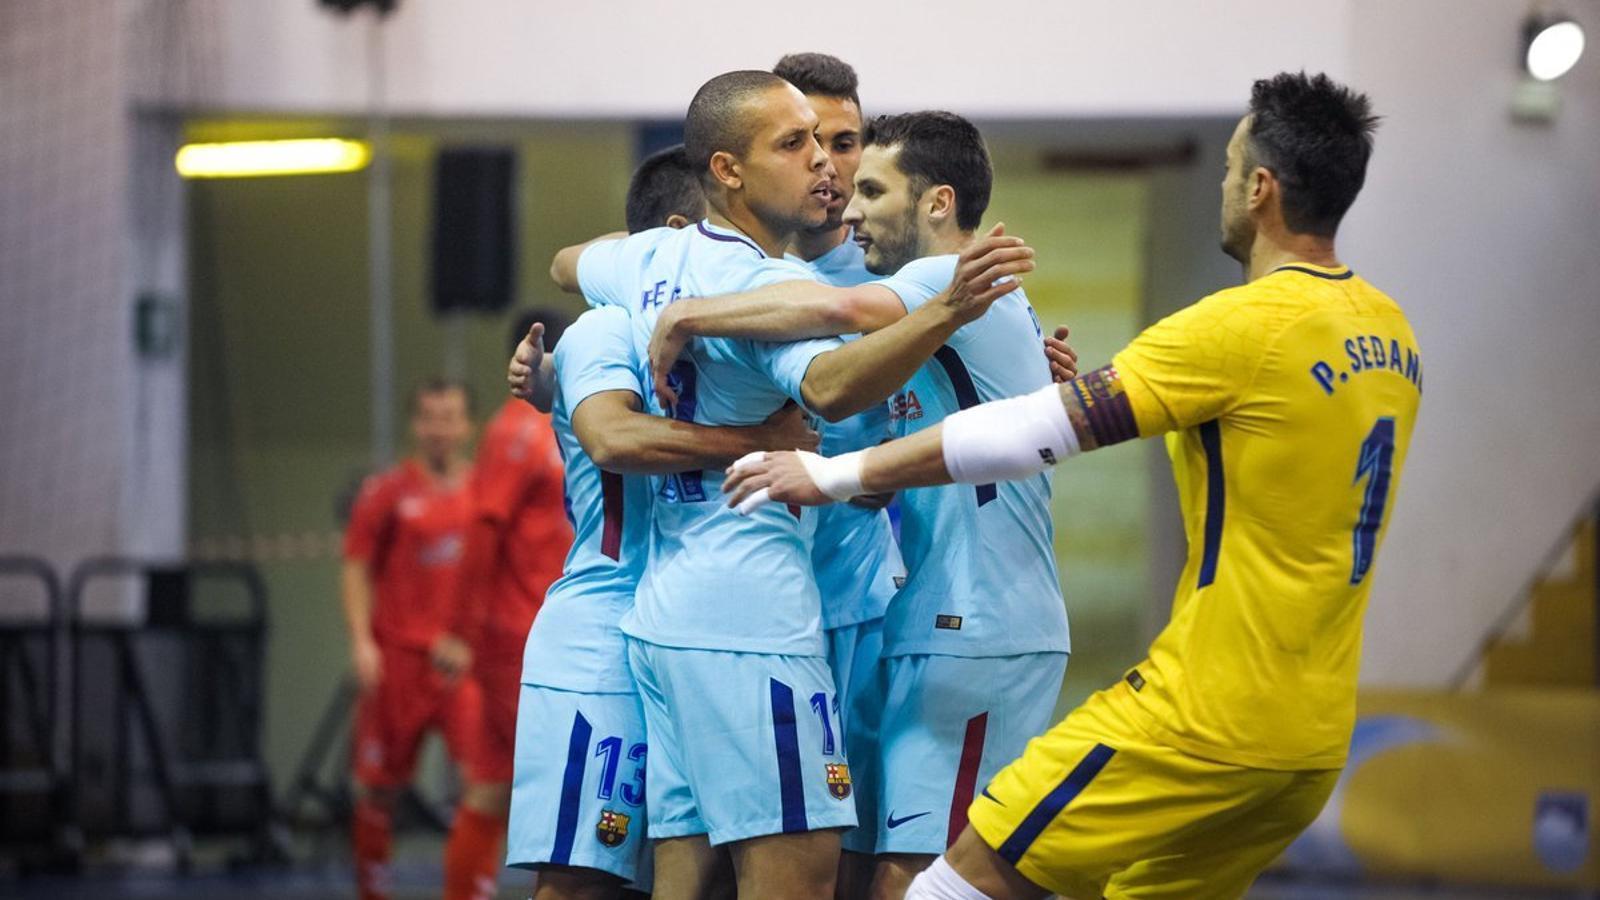 Els jugadors del Barça celebrant un dels gols en la victòria davant l'Ekonomac serbi